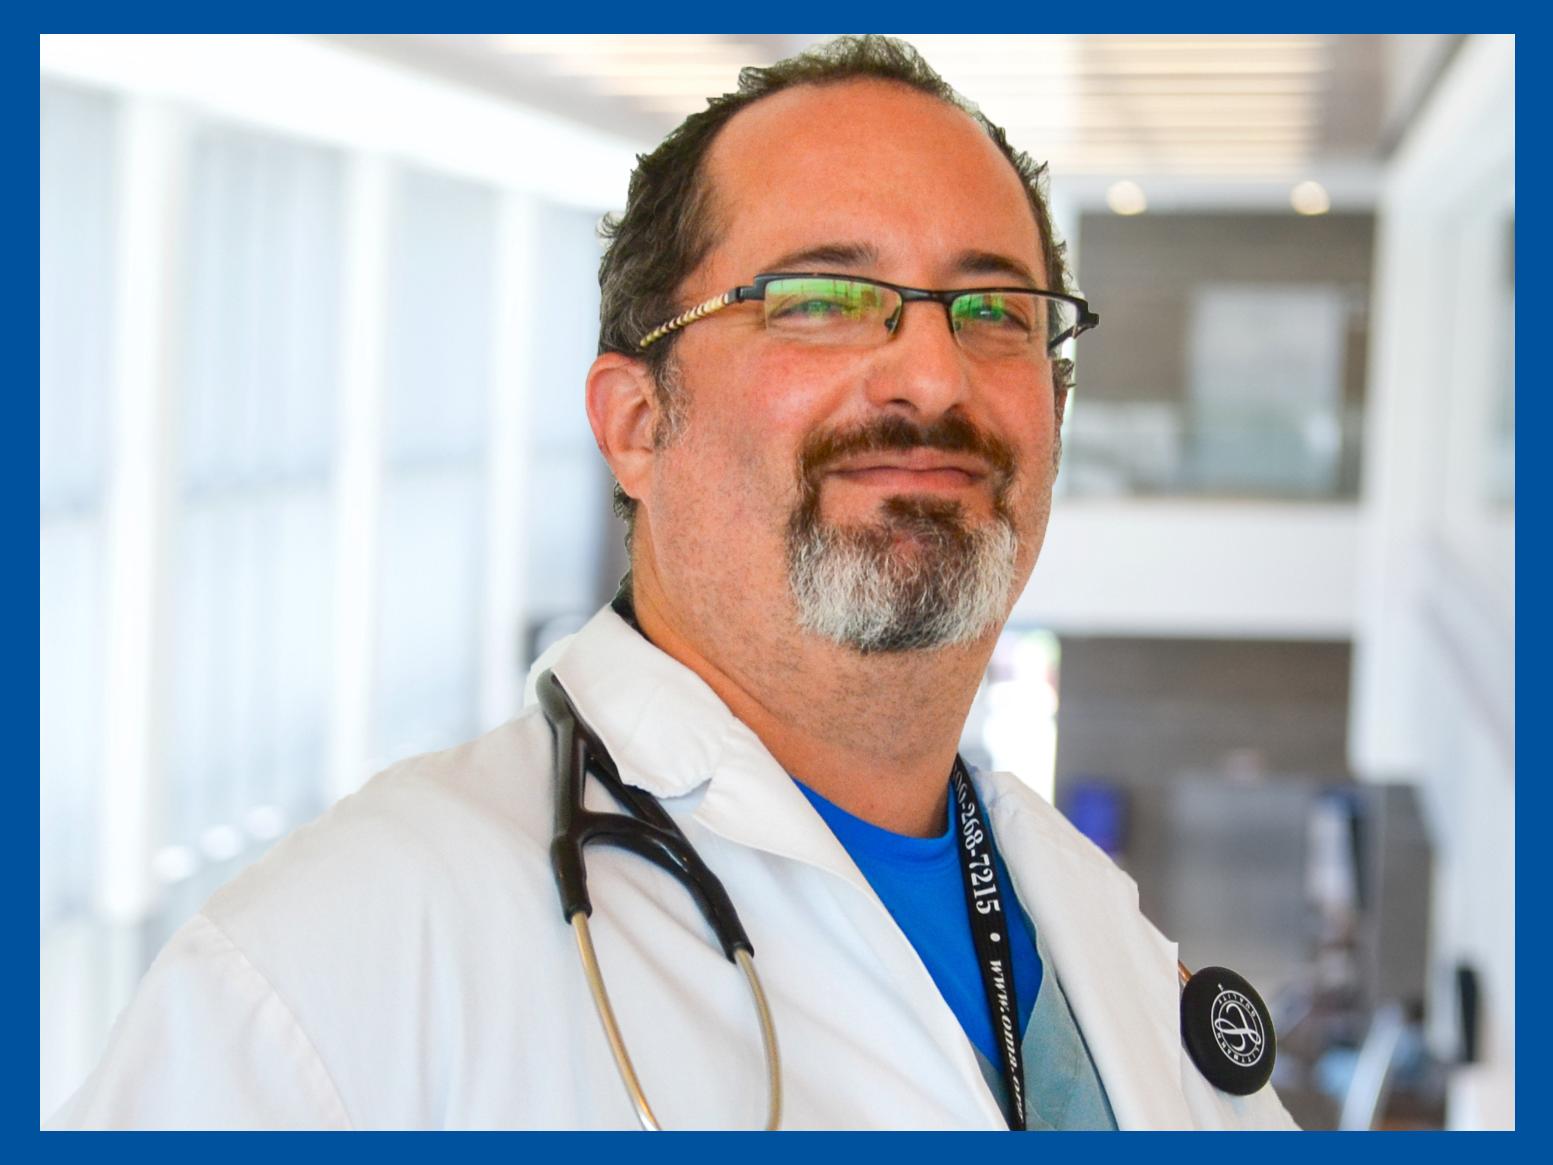 Dr. Andrew Baker